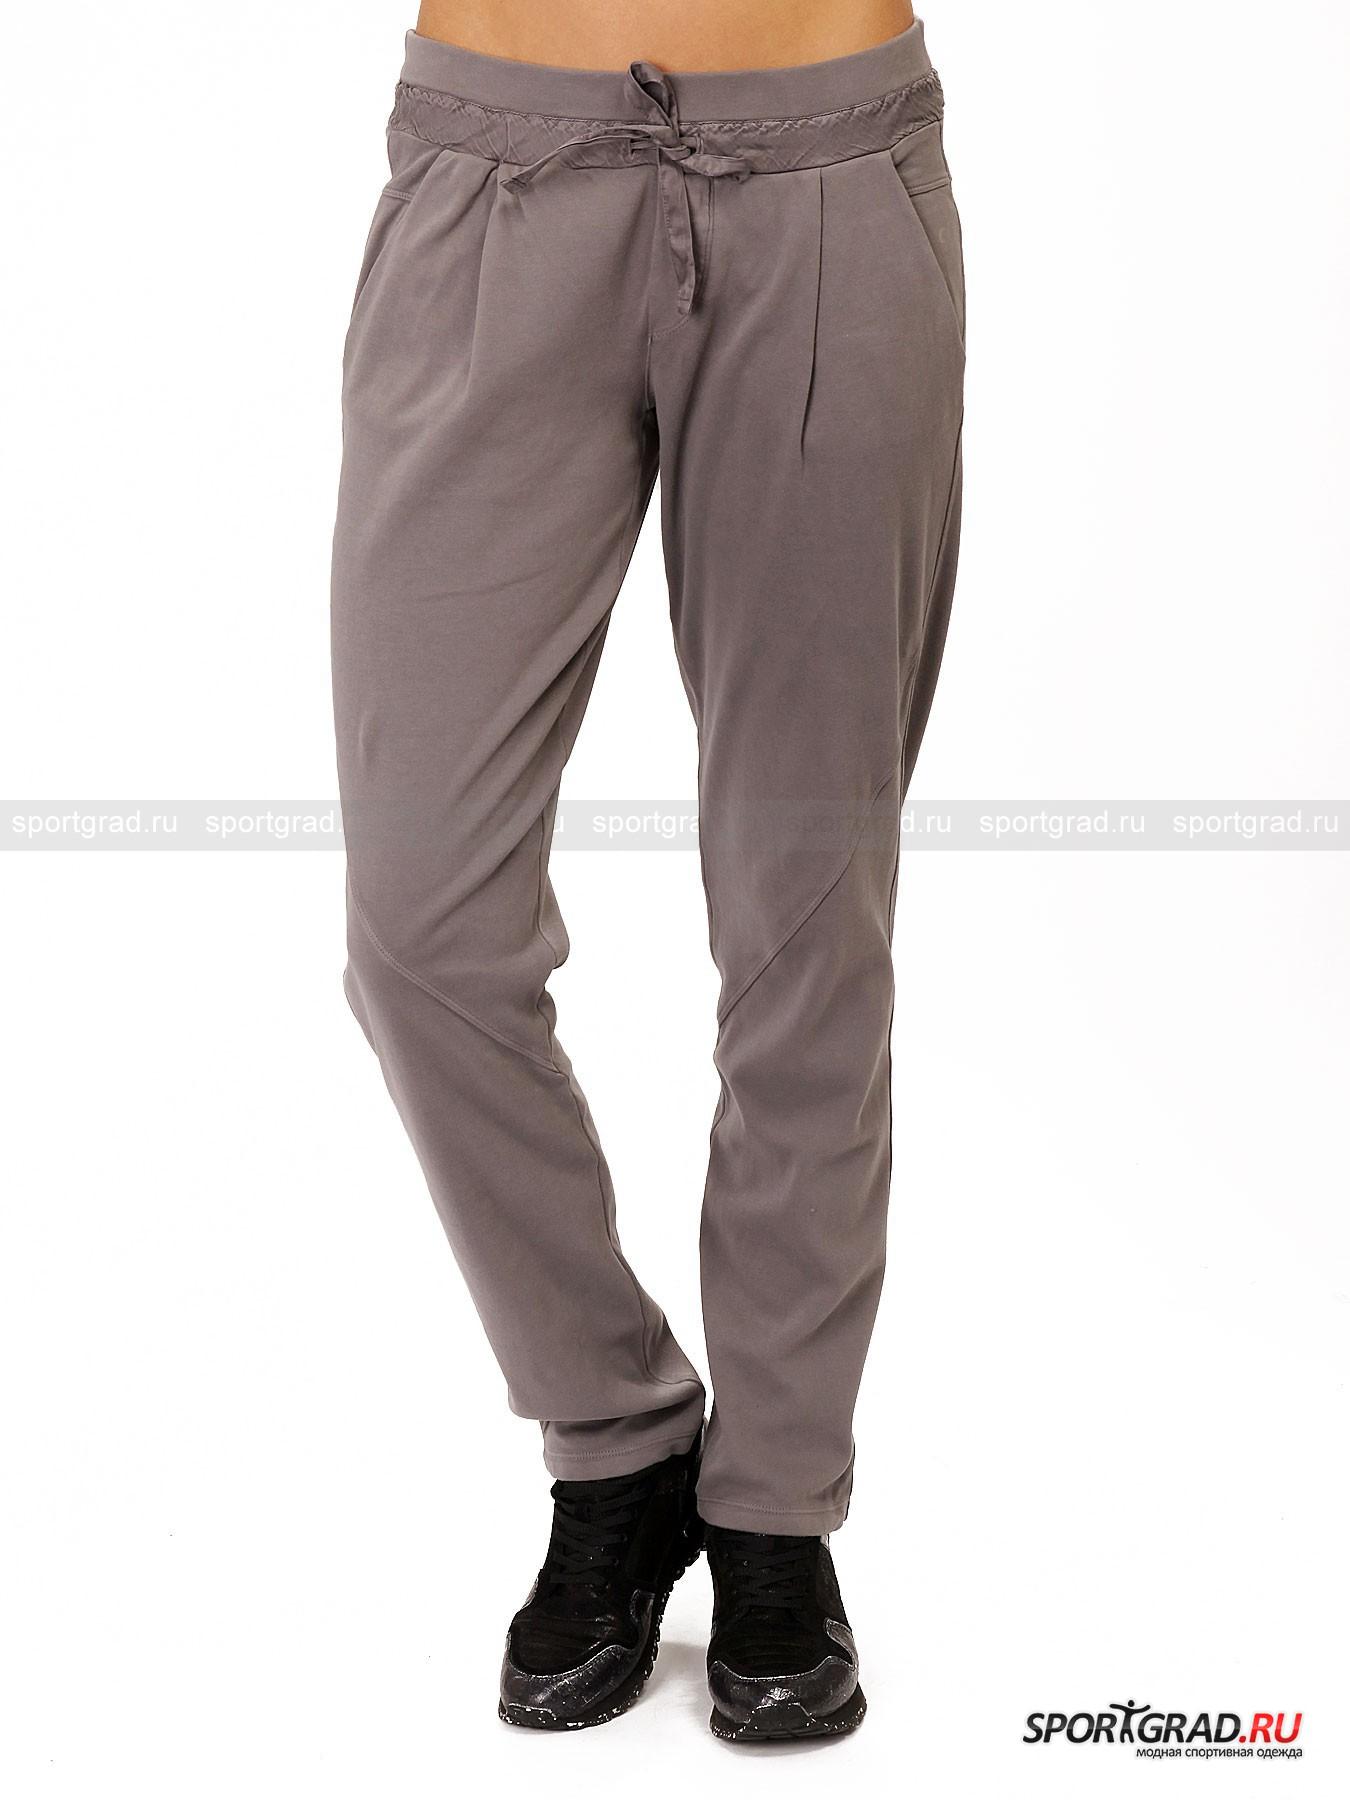 Брюки женские Pants DEHAБрюки<br>Хлопковые брюки в спортивном стиле Pants Deha окажутся полезным приобретение для любой девушки, ведущей активный образ жизни. Они прекрасно подойдут для спорта на свежем воздухе, так как благодаря удобному покрою не мешают свободе движений. Но также брюки можно носить и в обычной жизни, например отправляясь на шопинг, прогулку или на отдых в загородный дом. Как и всегда у Deha, эта простая модель отличается интересной деталью – пояс по периметру обхватывает вставка из гладкого материала, в который встроена кулиска.<br><br>Особенности модели:<br>- прямой крой;<br>- регулирующая лента-утяжка;<br>- пояс на резинке;<br>- карманы-обманки сзади;<br>- два кармана спереди;<br>- декоративные швы в районе колен;<br>- нашивка с надписью Deha на пояснице.<br><br>Пол: Женский<br>Возраст: Взрослый<br>Тип: Брюки<br>Рекомендации по уходу: стирка в теплой воде до 30 С; не отбеливать; гладить слегка нагретым утюгом (температура до 110 C); только сухая чистка; нельзя выжимать и сушить в стиральной машине<br>Состав: 100% хлопок